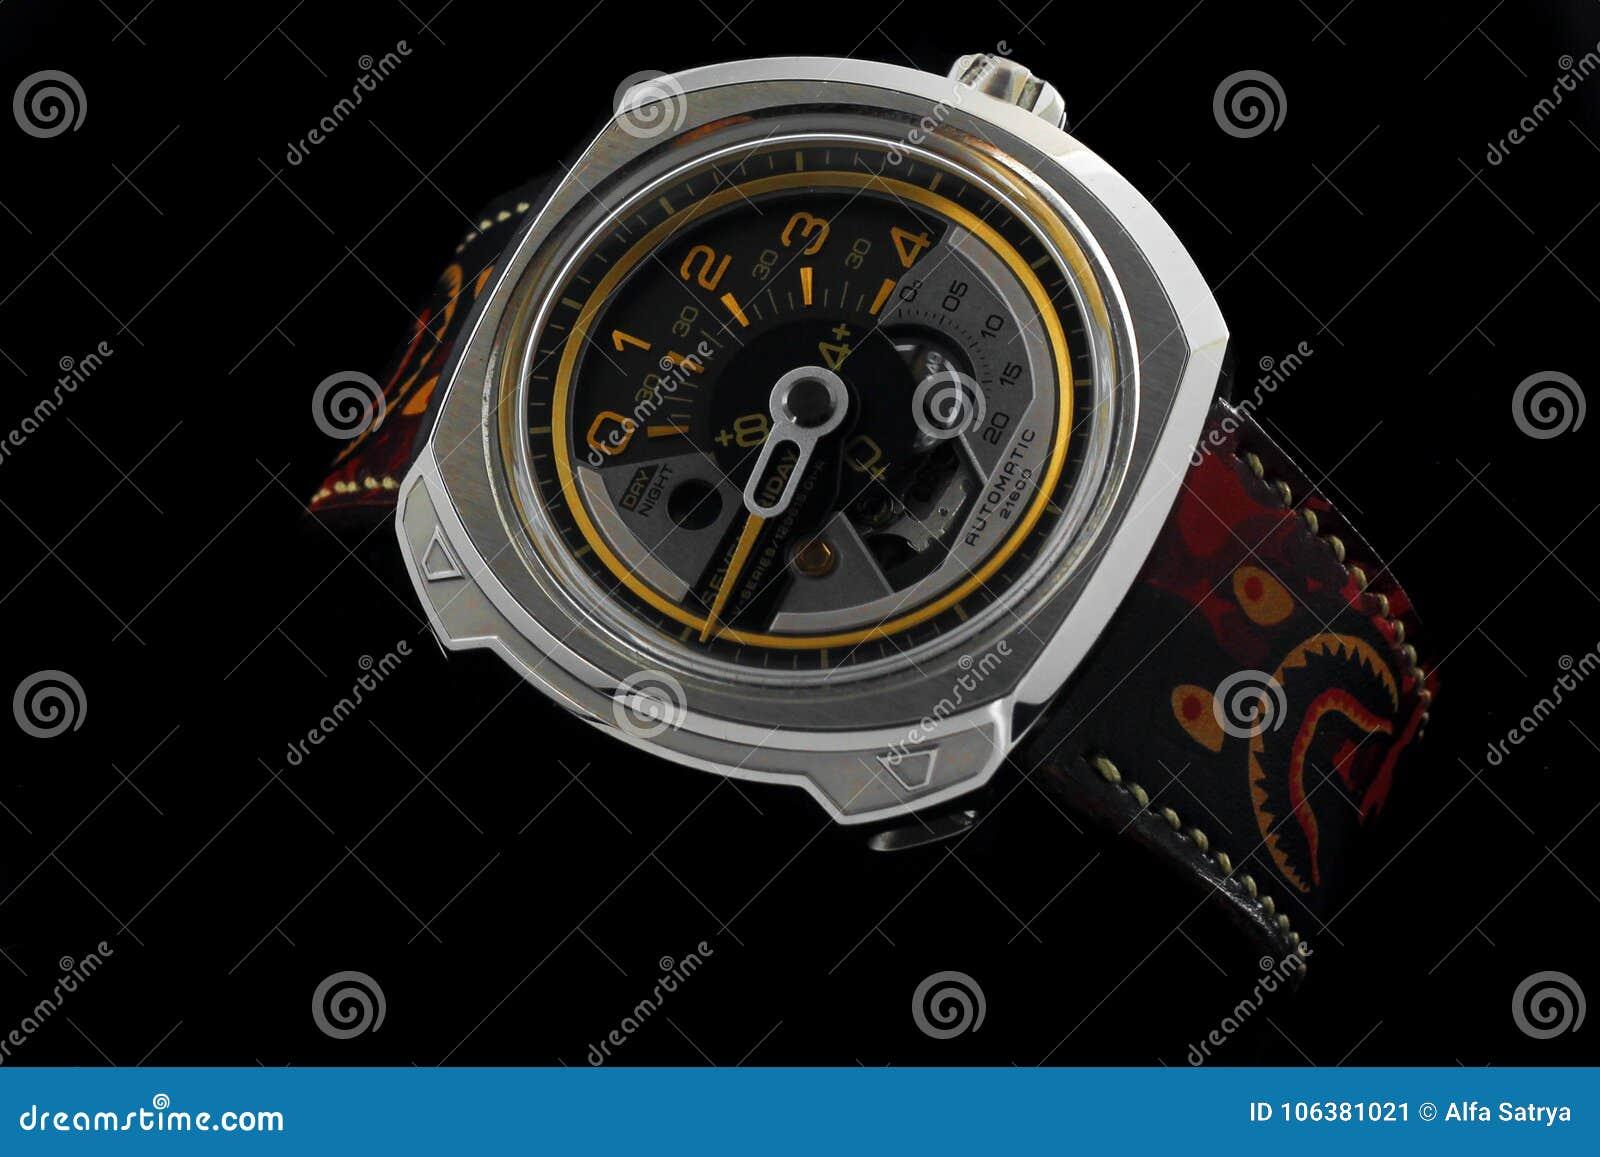 54157cbc4a3 Sete Relógios Automáticos De Sexta-feira No Fundo Claro Preto Foto ...